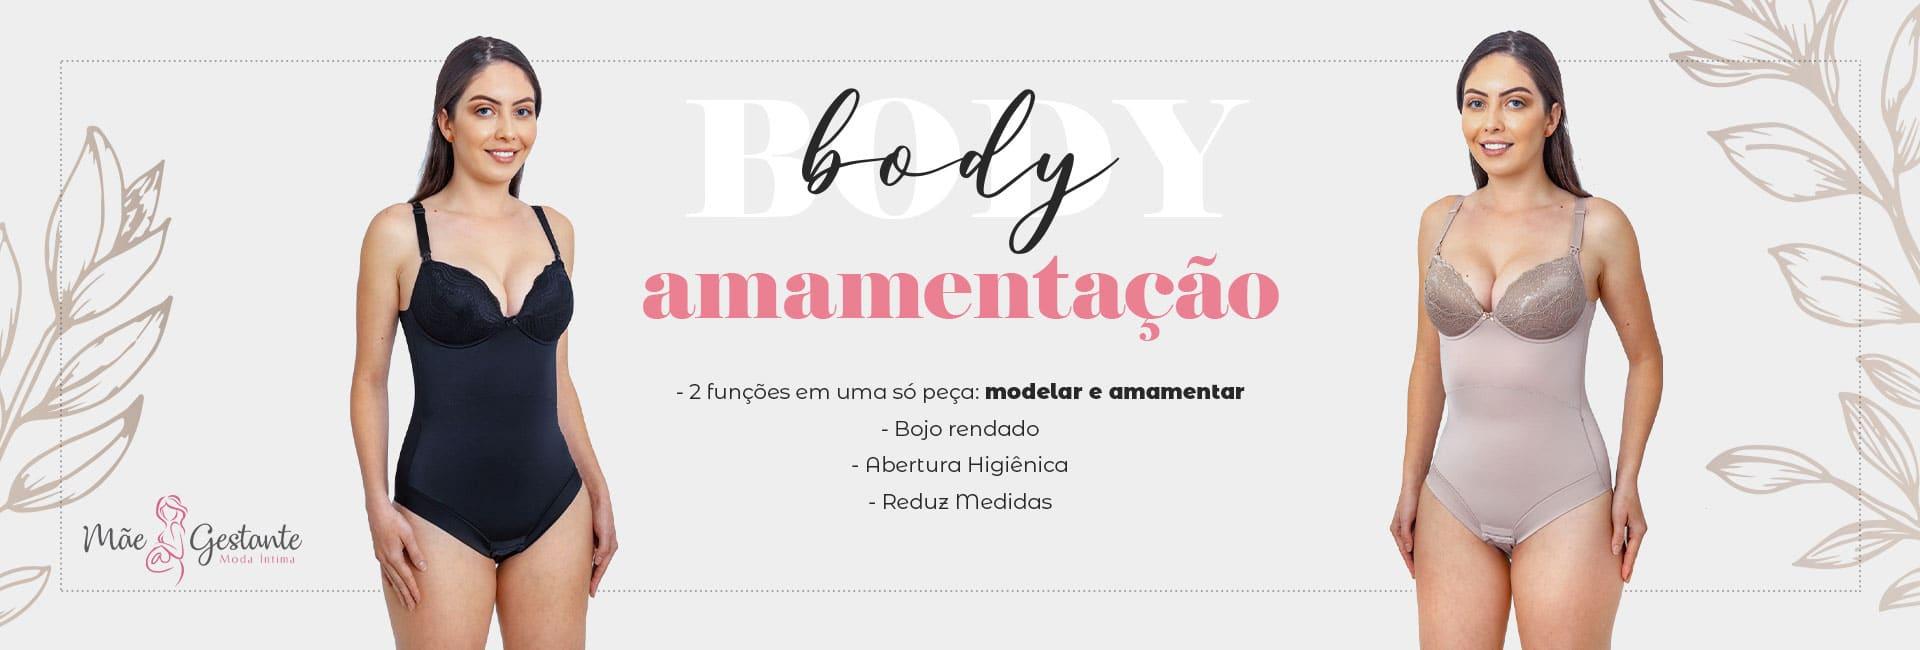 Body Amamentação modelar e amamentar